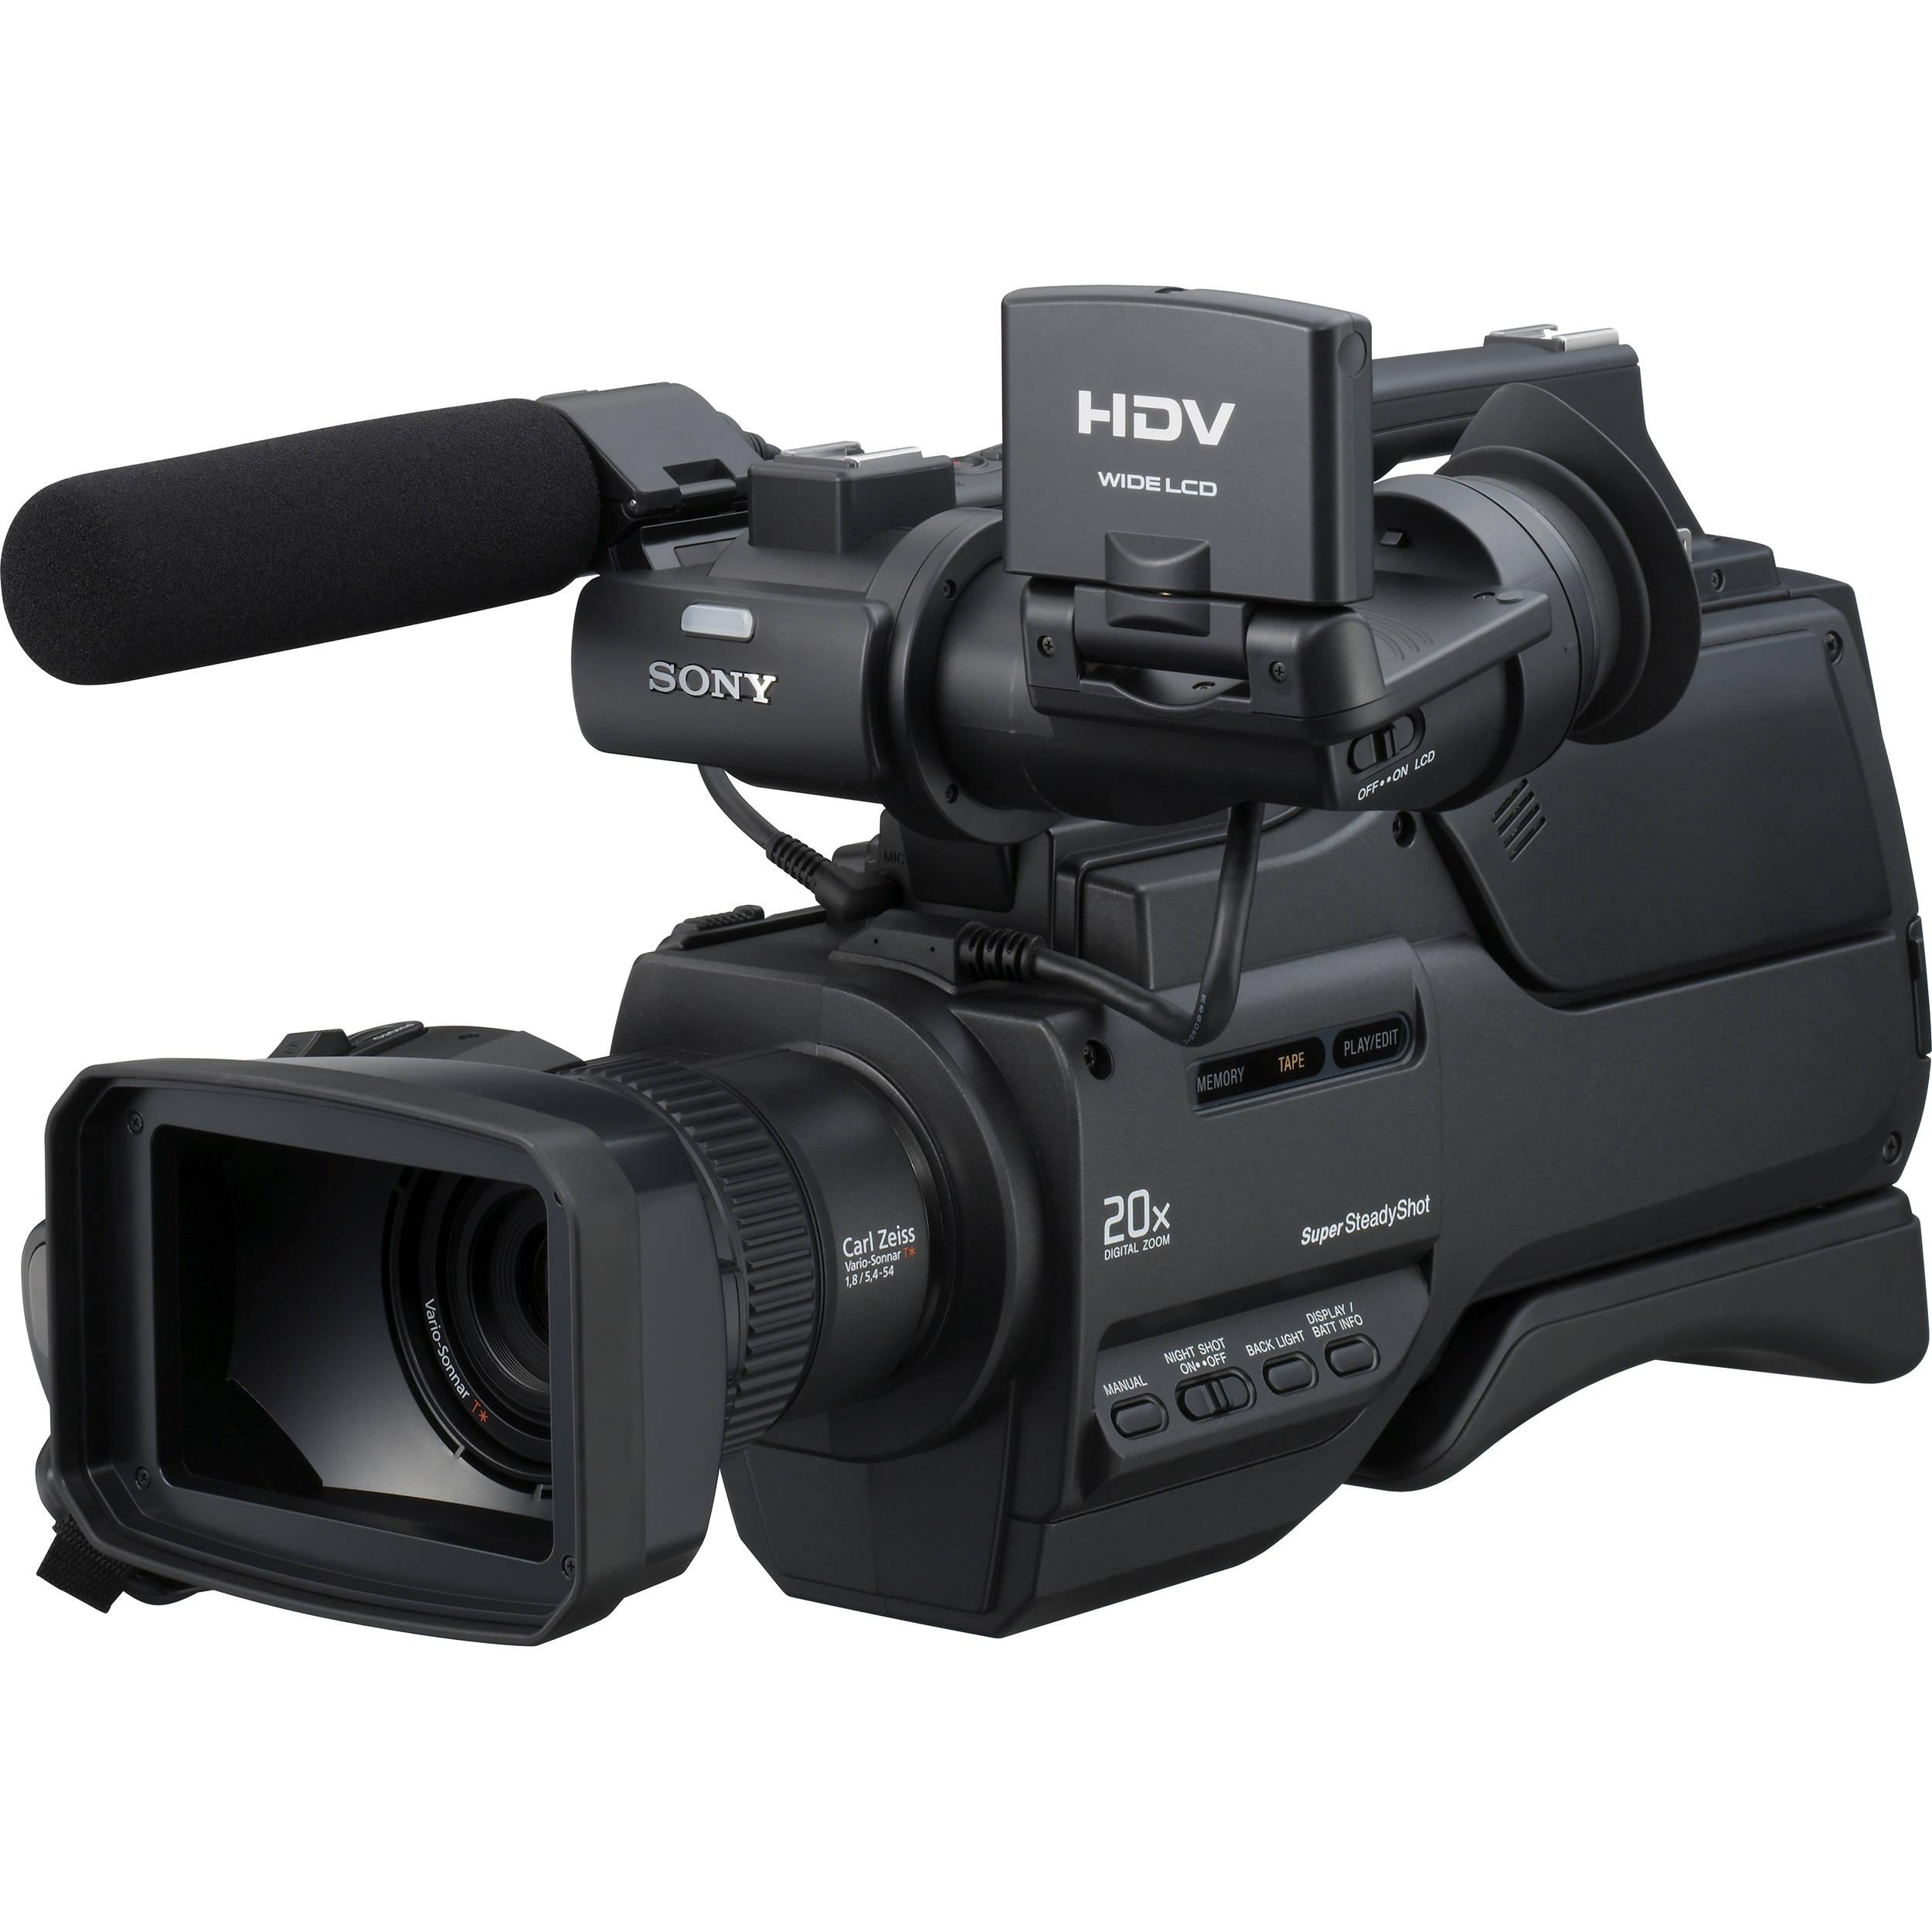 sony hvr hd1000u digital high definition hdv camcorder. Black Bedroom Furniture Sets. Home Design Ideas